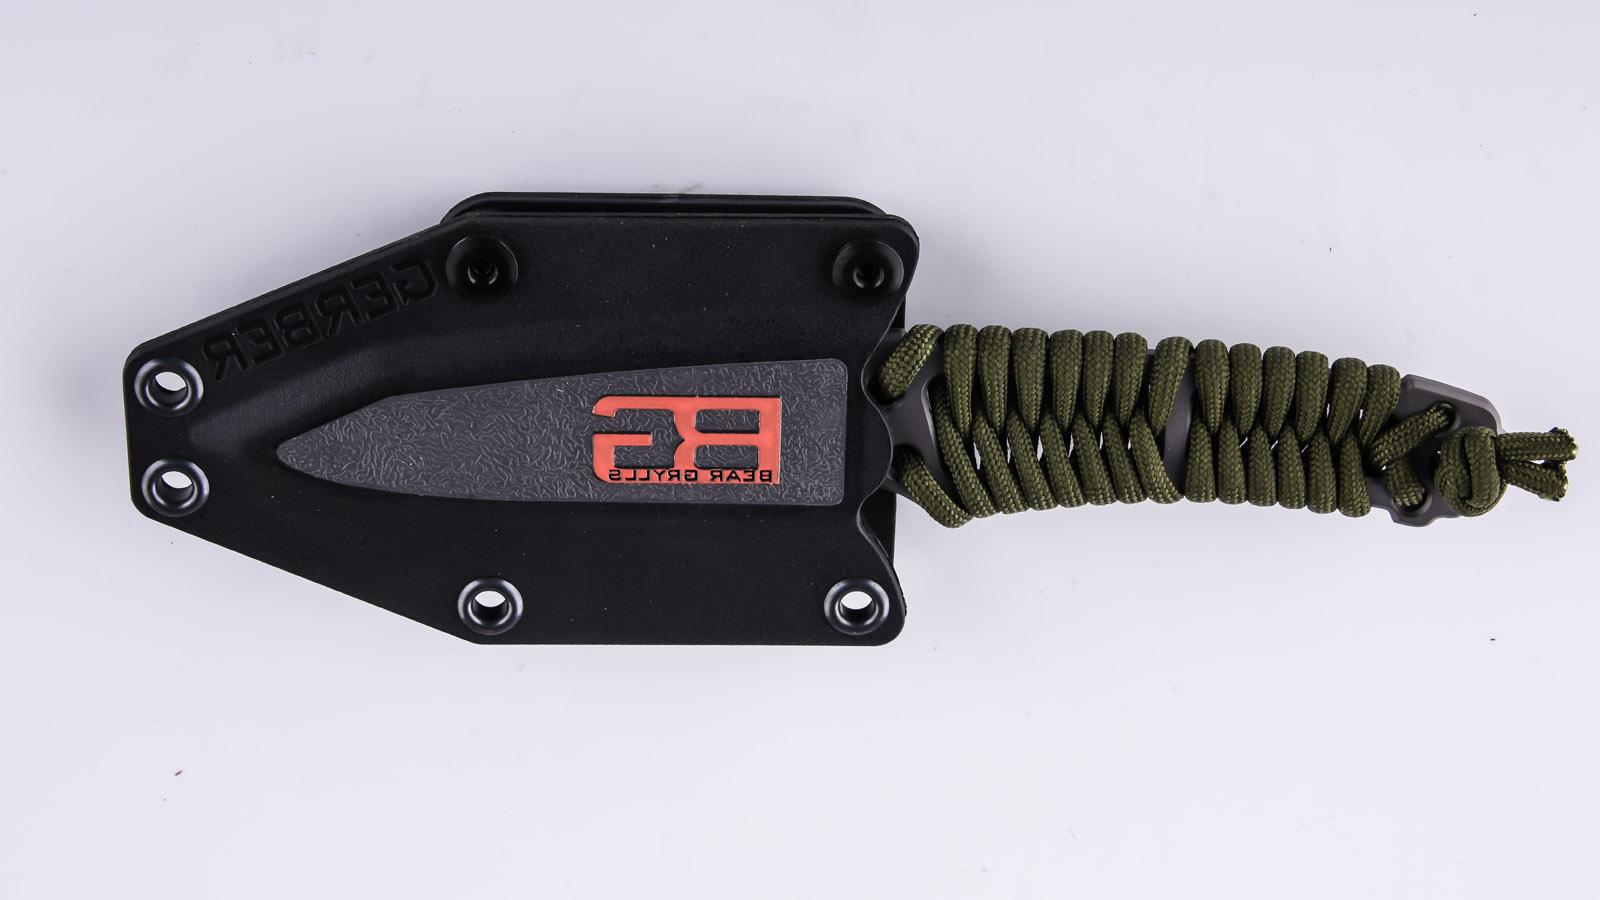 Нож Gerber Paracord Knife - отменный подарок